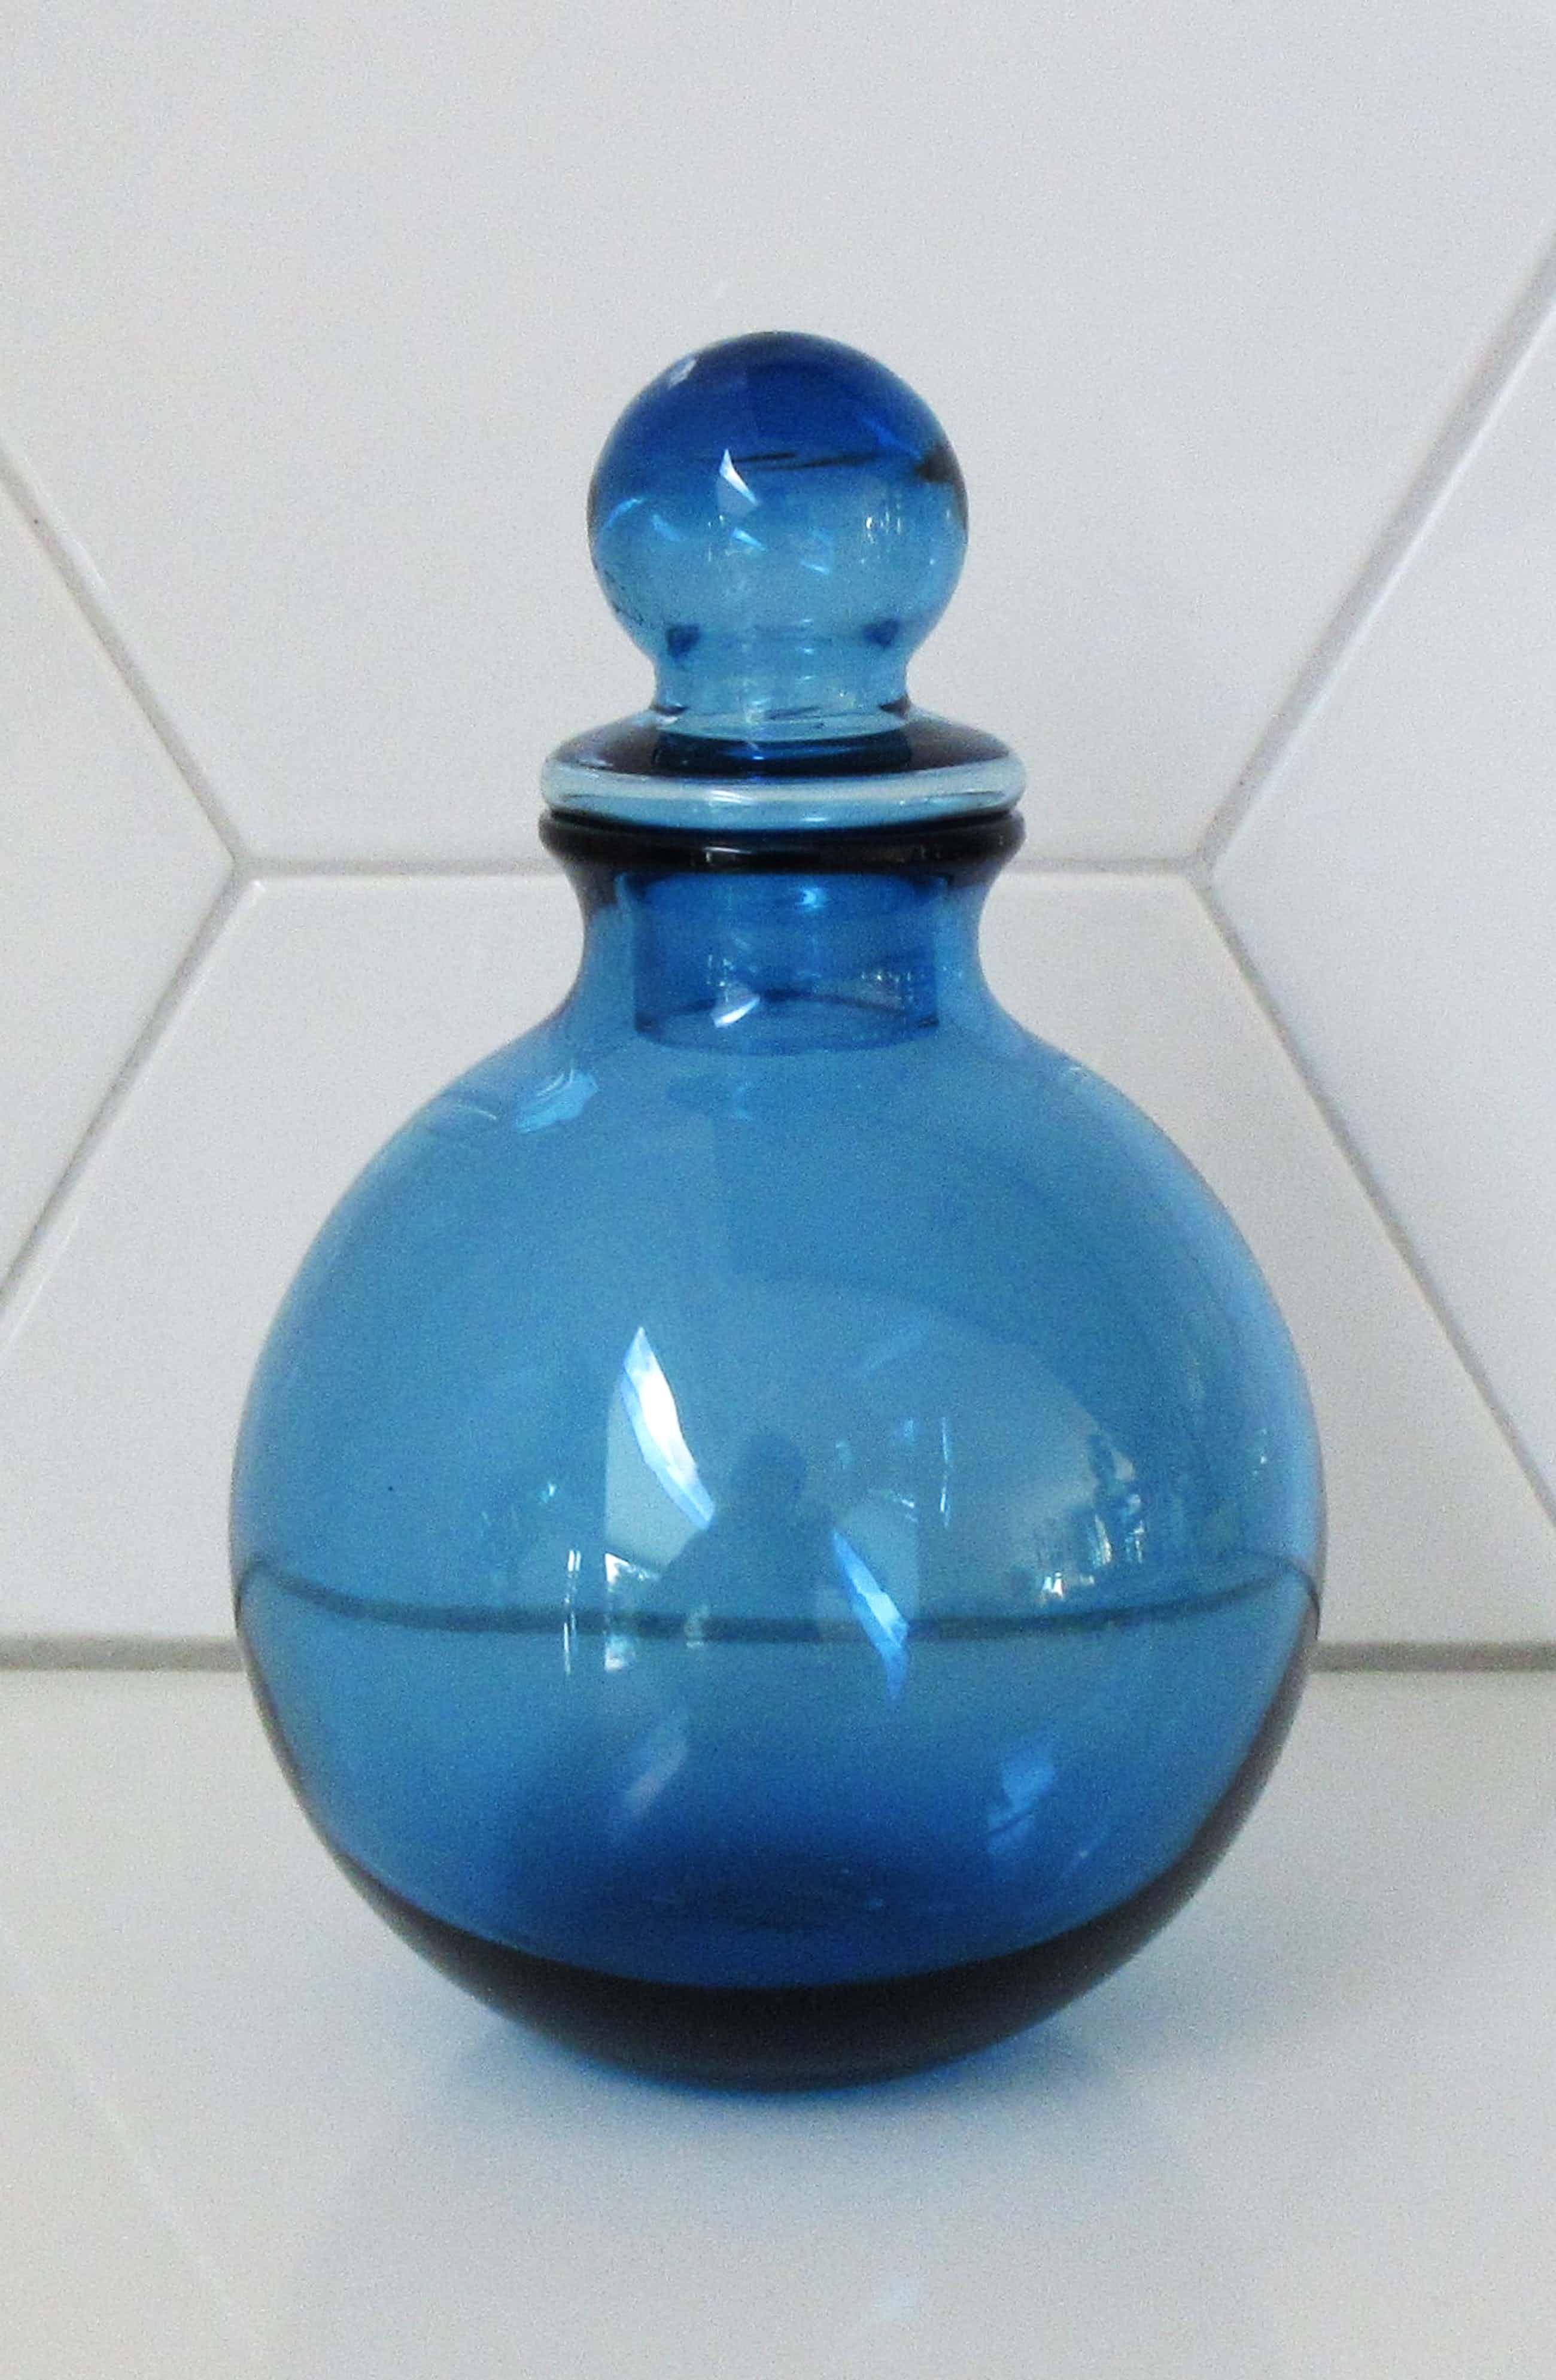 Siem van der Marel - Kristallen karafje 'Water' onderdeel van de 4-elementen serie kopen? Bied vanaf 45!